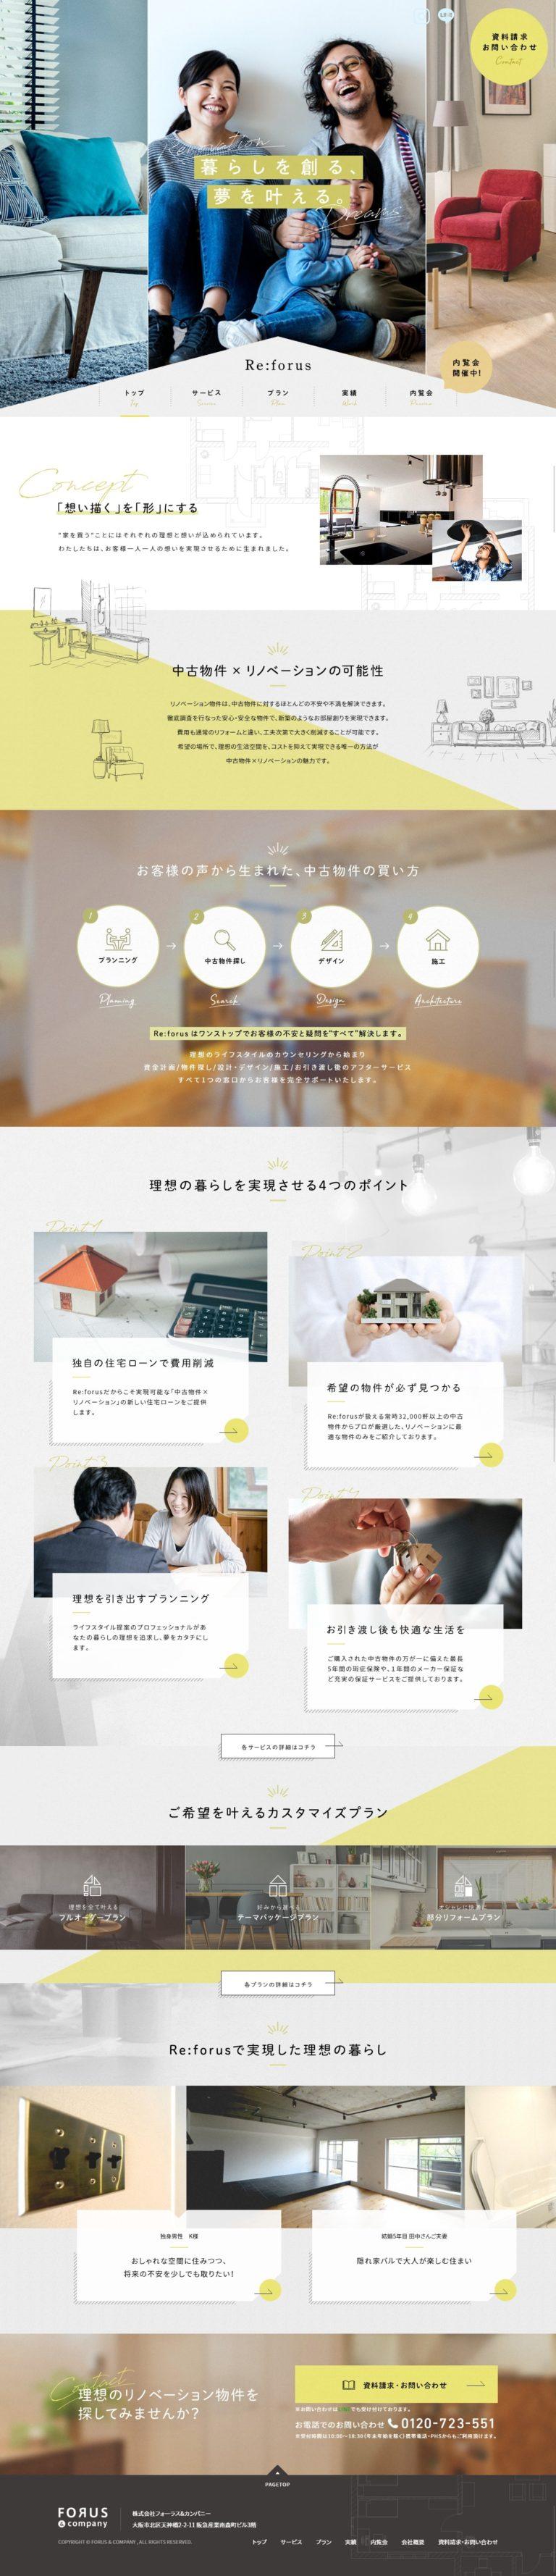 リノベーション×中古物件のワンストップサービス - Re:forus